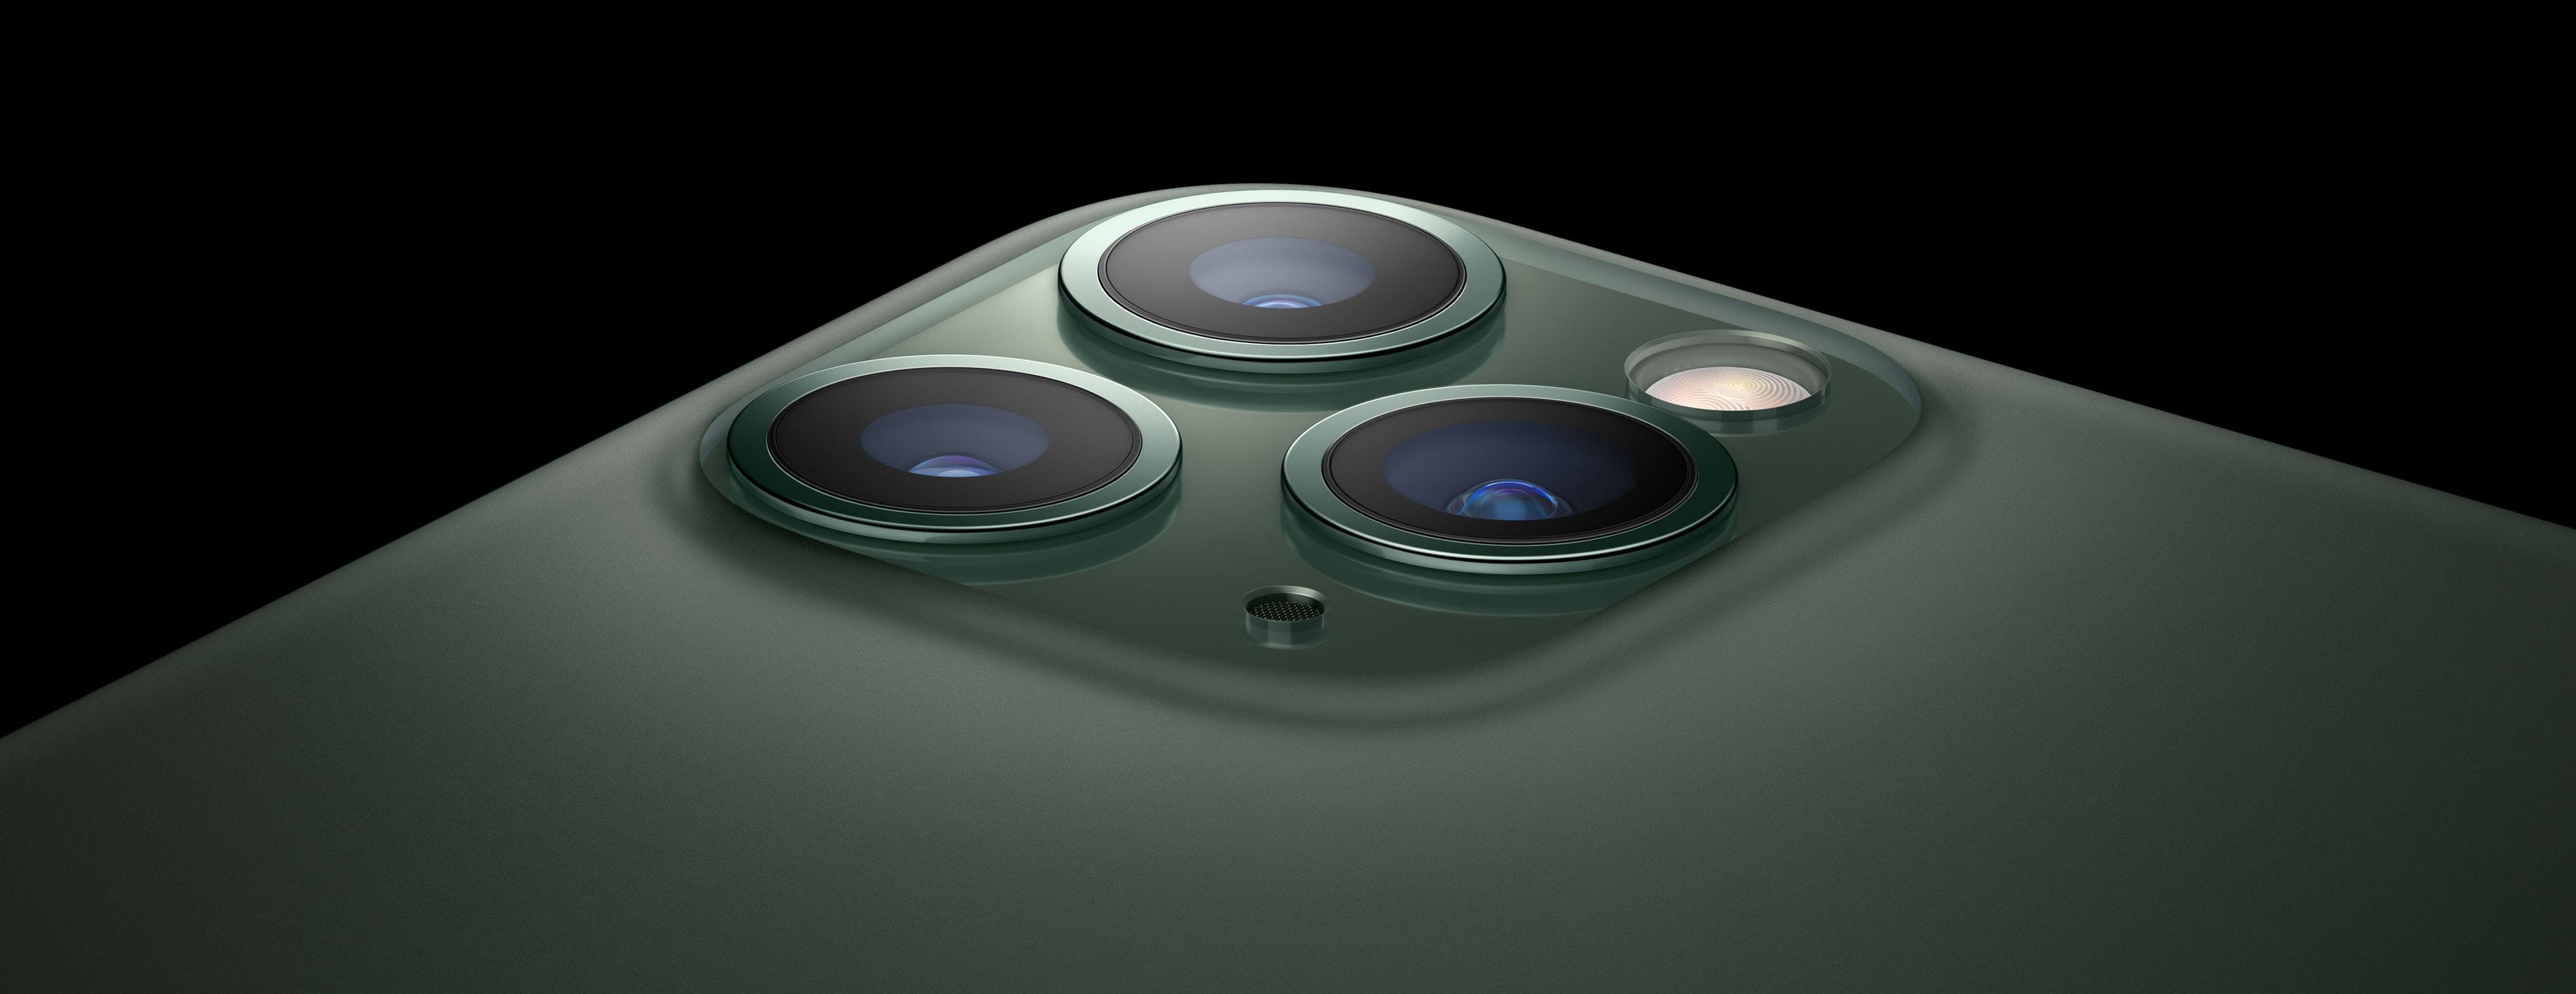 Recorte quadrado da câmera do iPhone 11 Pro em detalhe